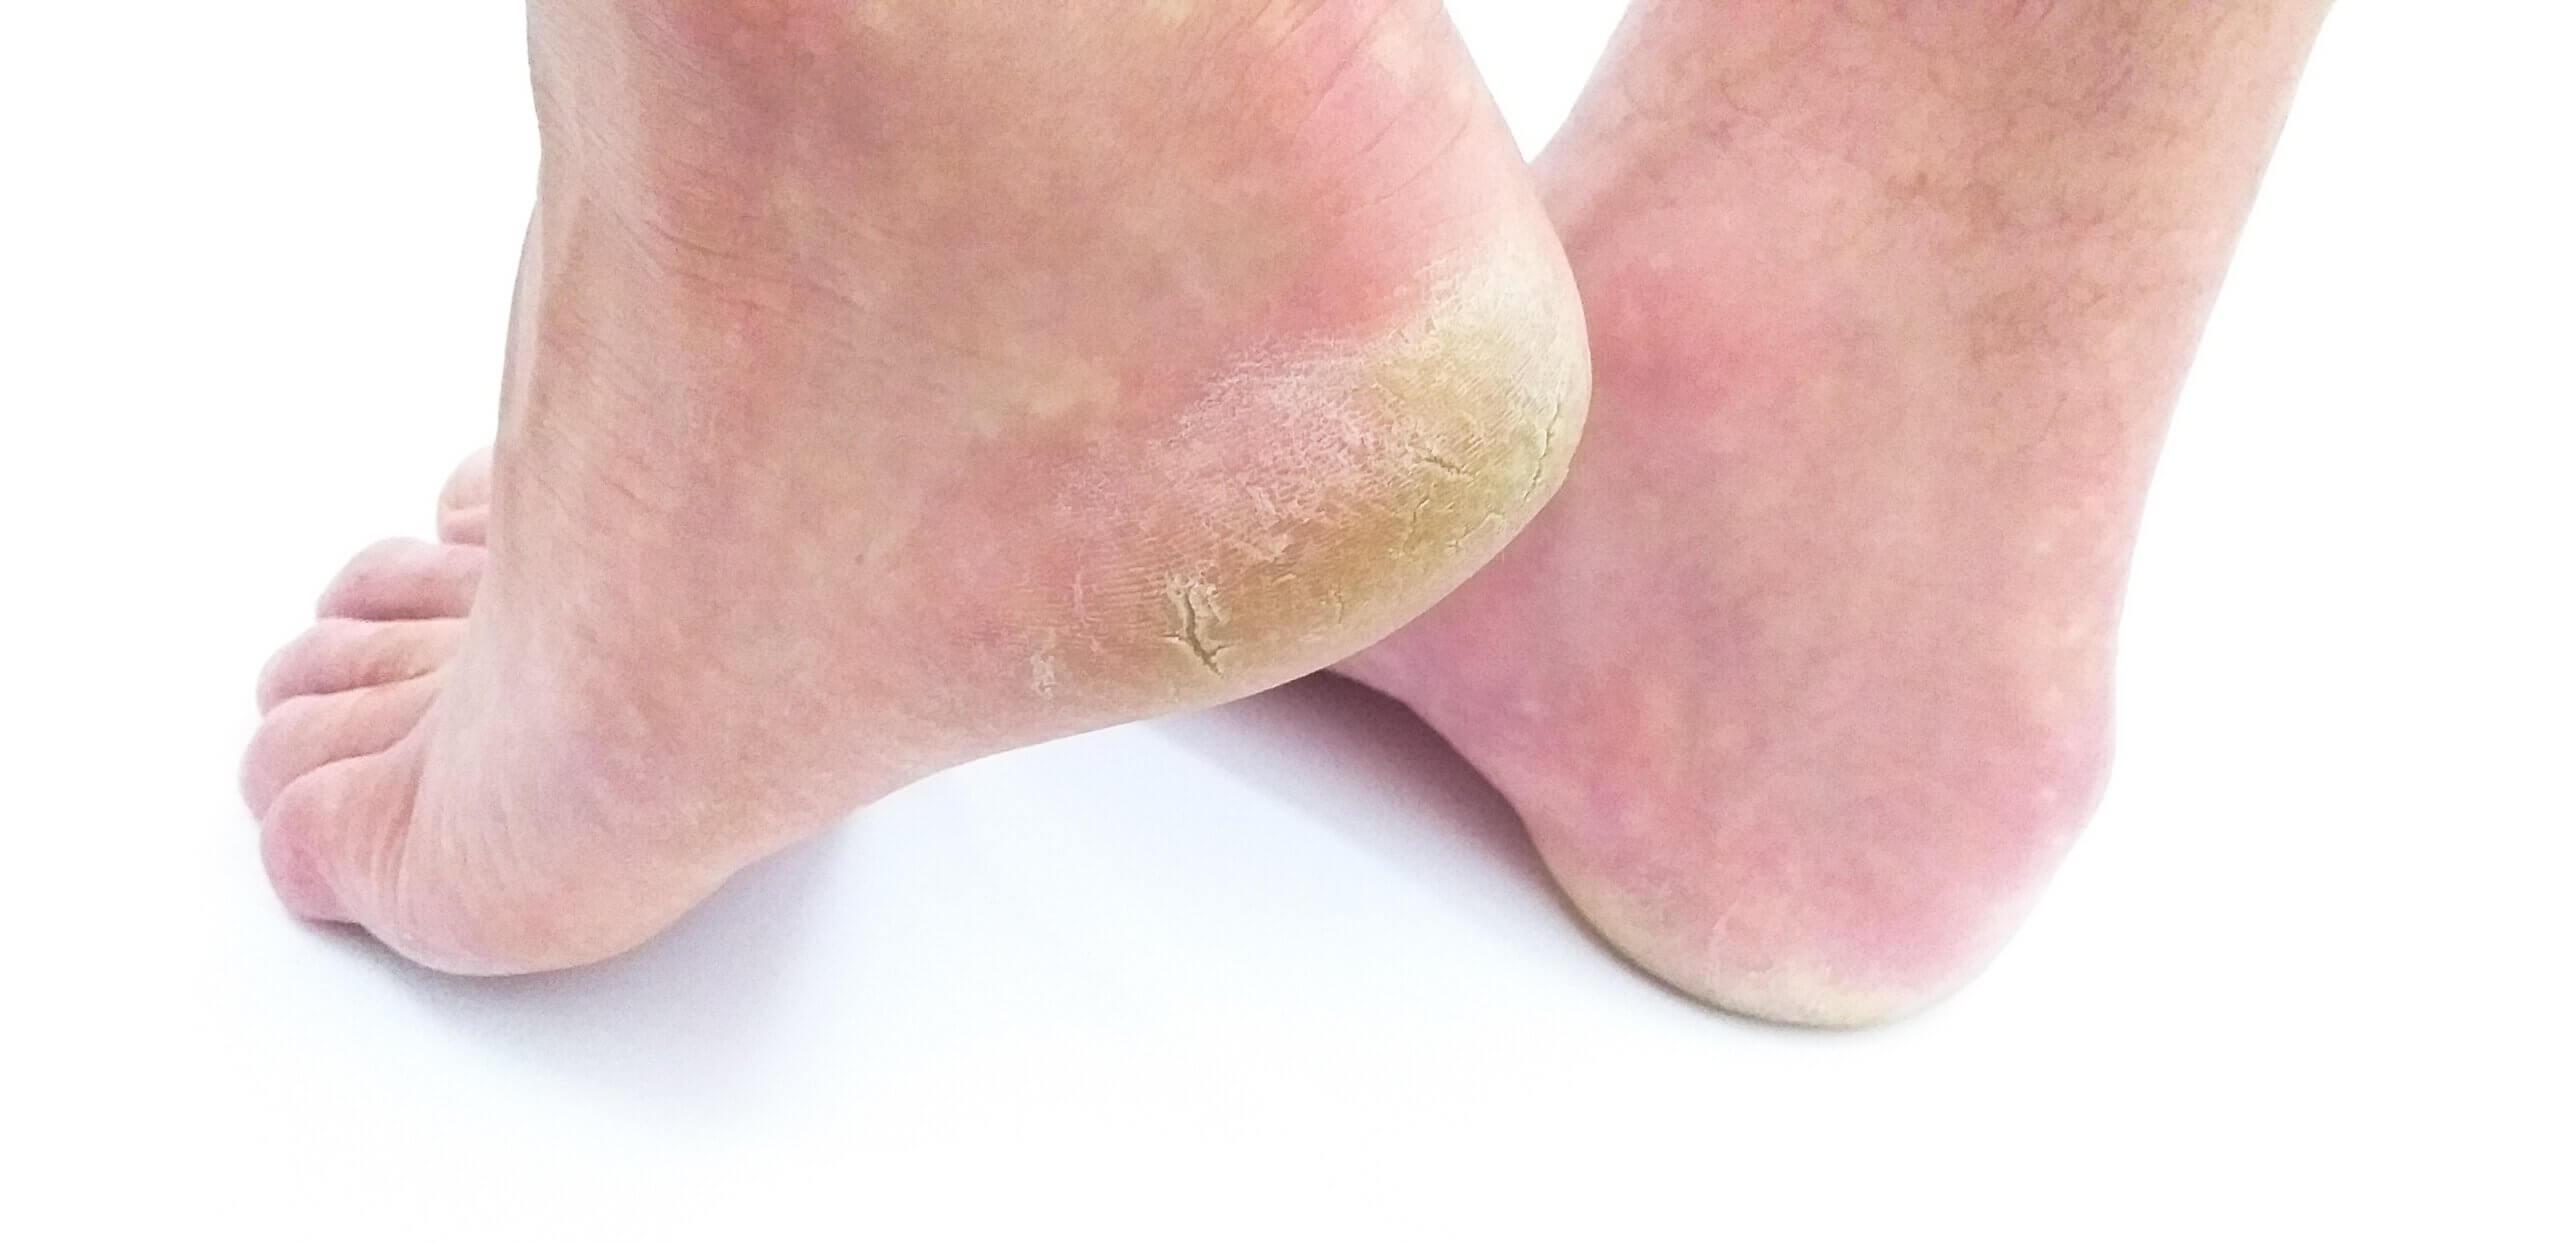 Heilpraktiker Eisenschmidt: Fersenschmerz Achillessehnen-Schmerzen